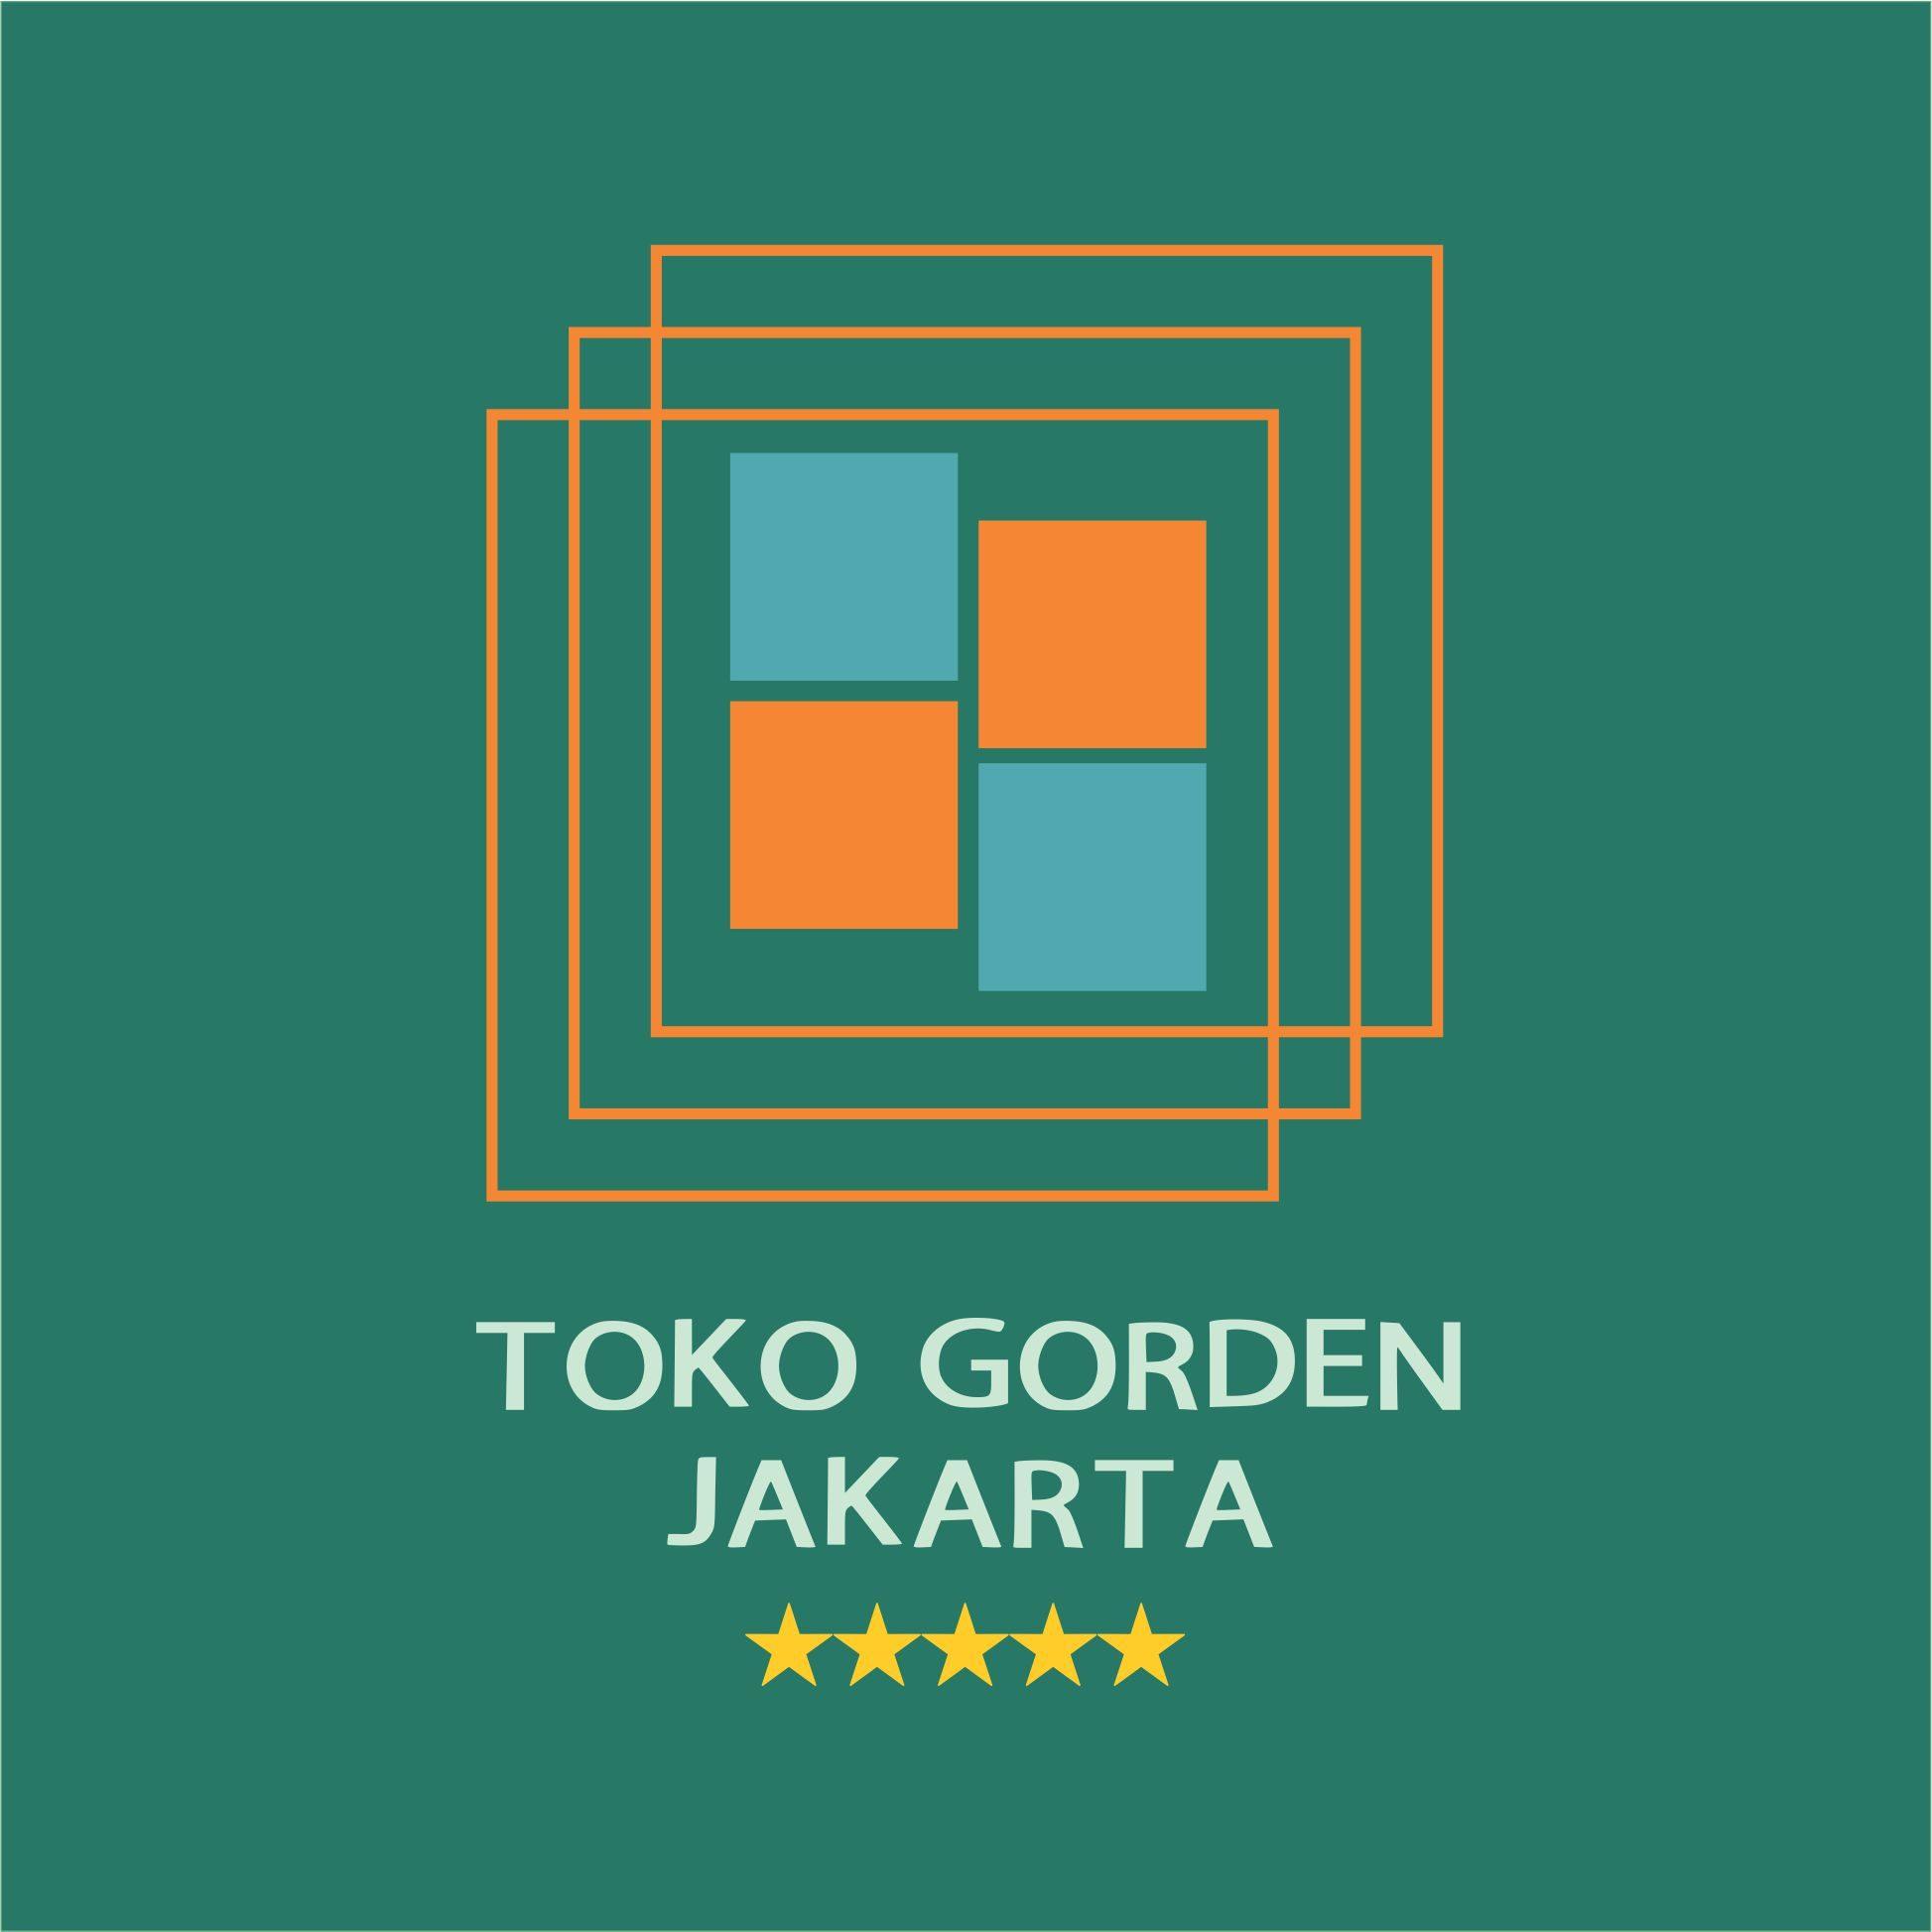 Toko Gorden Jakarta